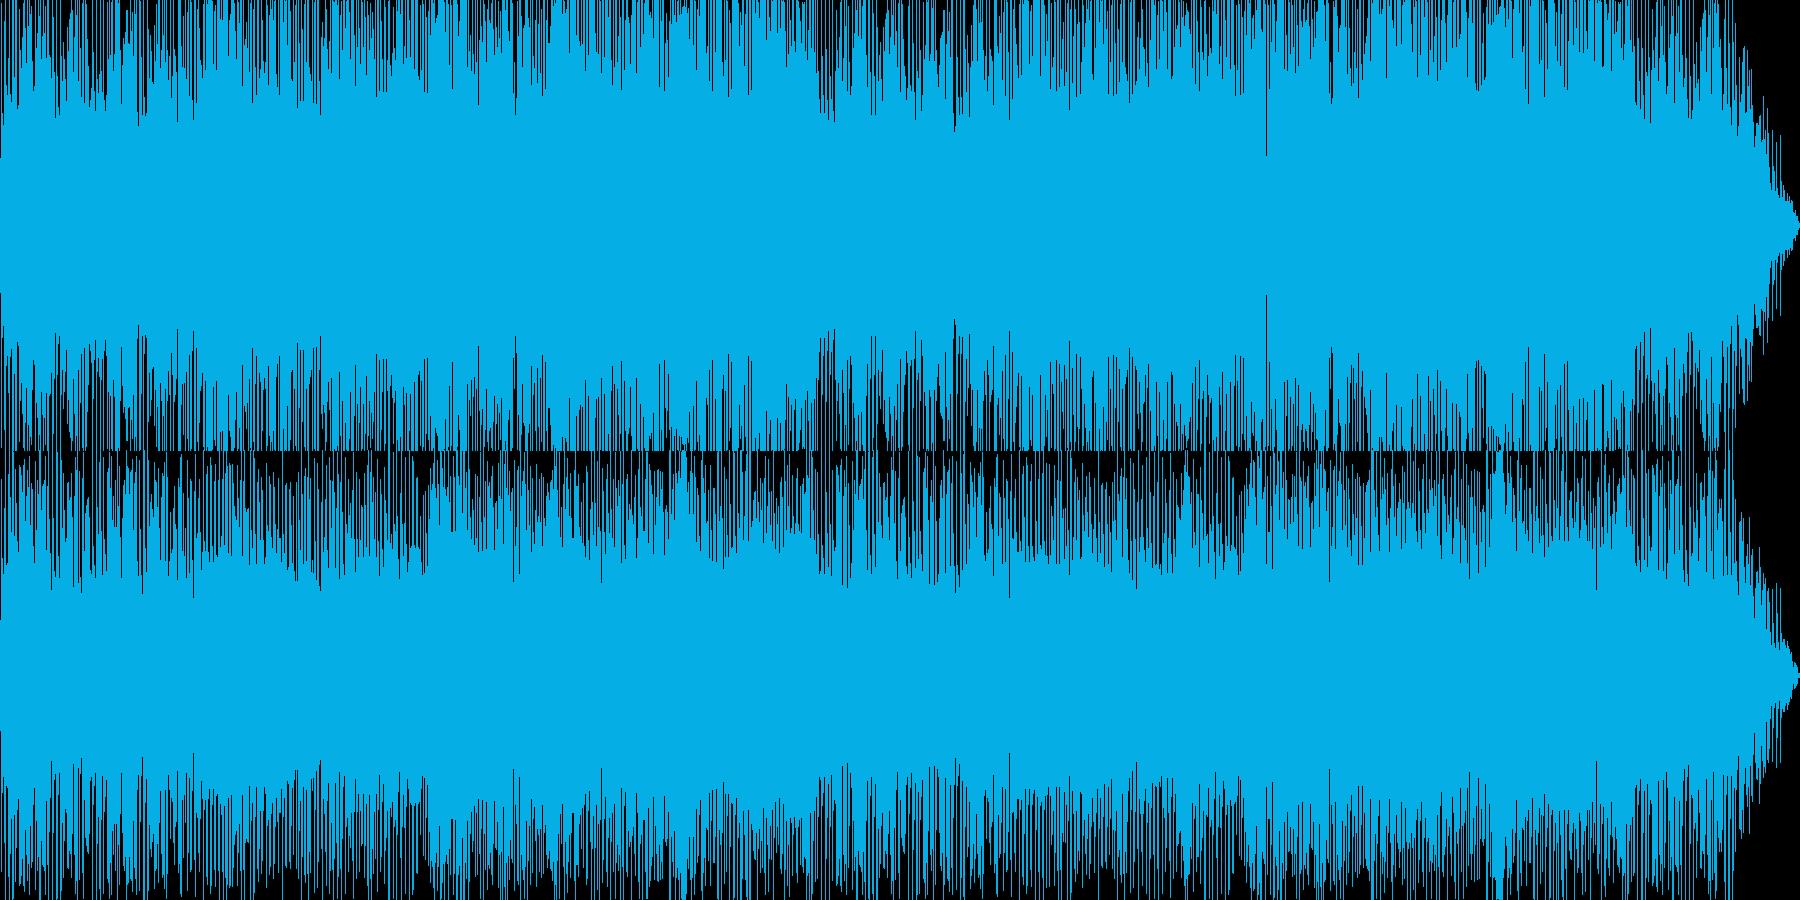 エレキギター旋律の夏らしいフュージョンの再生済みの波形